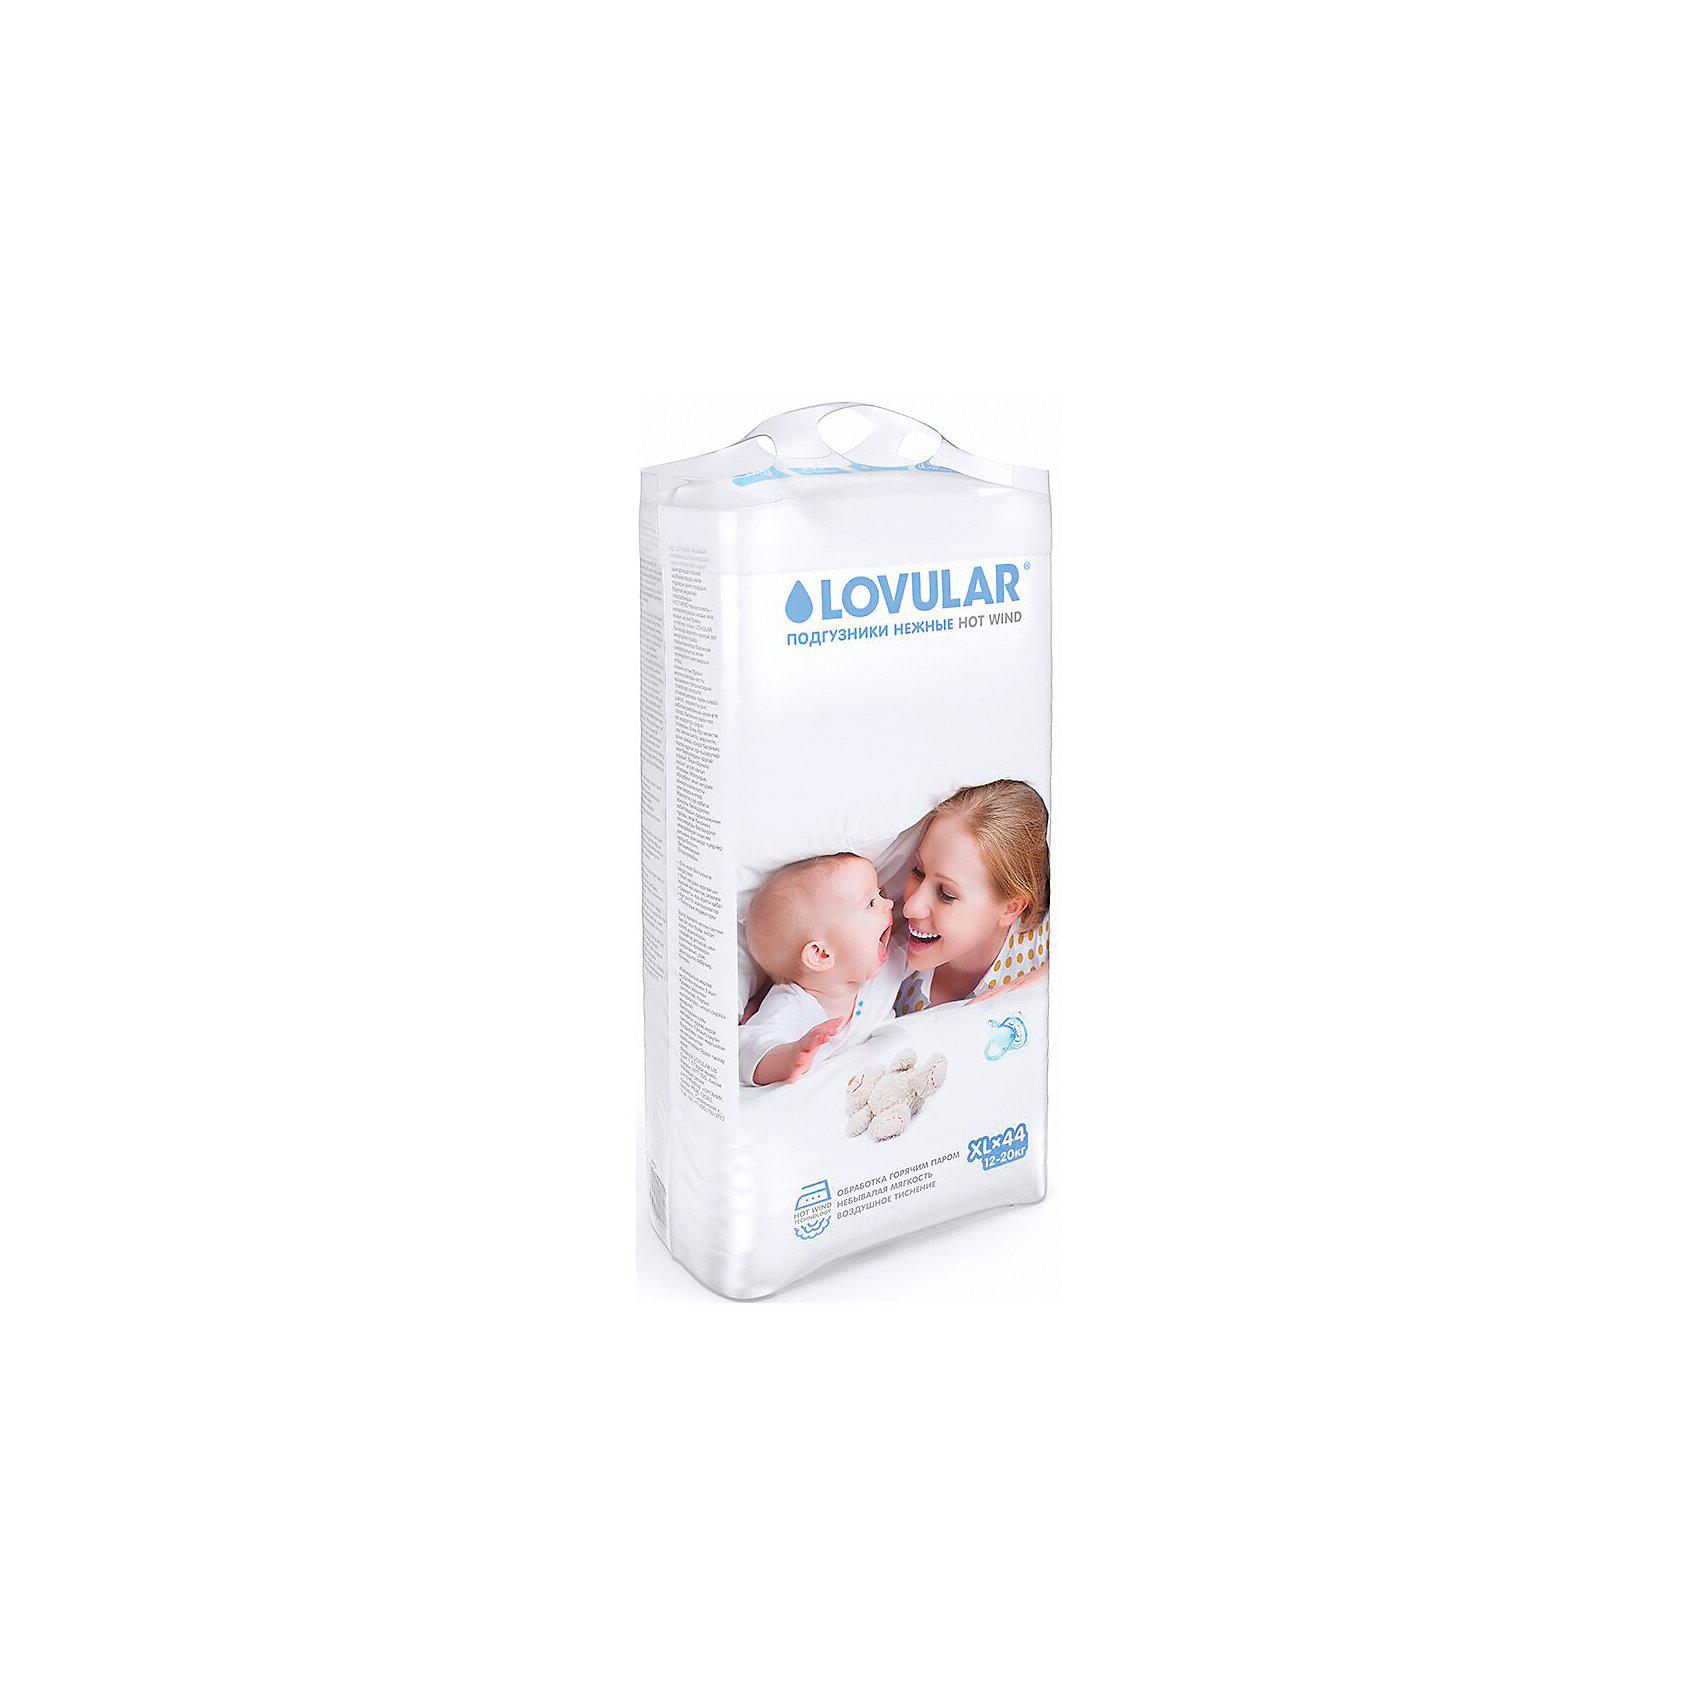 Подгузники детские HOT WIND 12-20 кг., 44 шт., размер XL,, LOVULAR